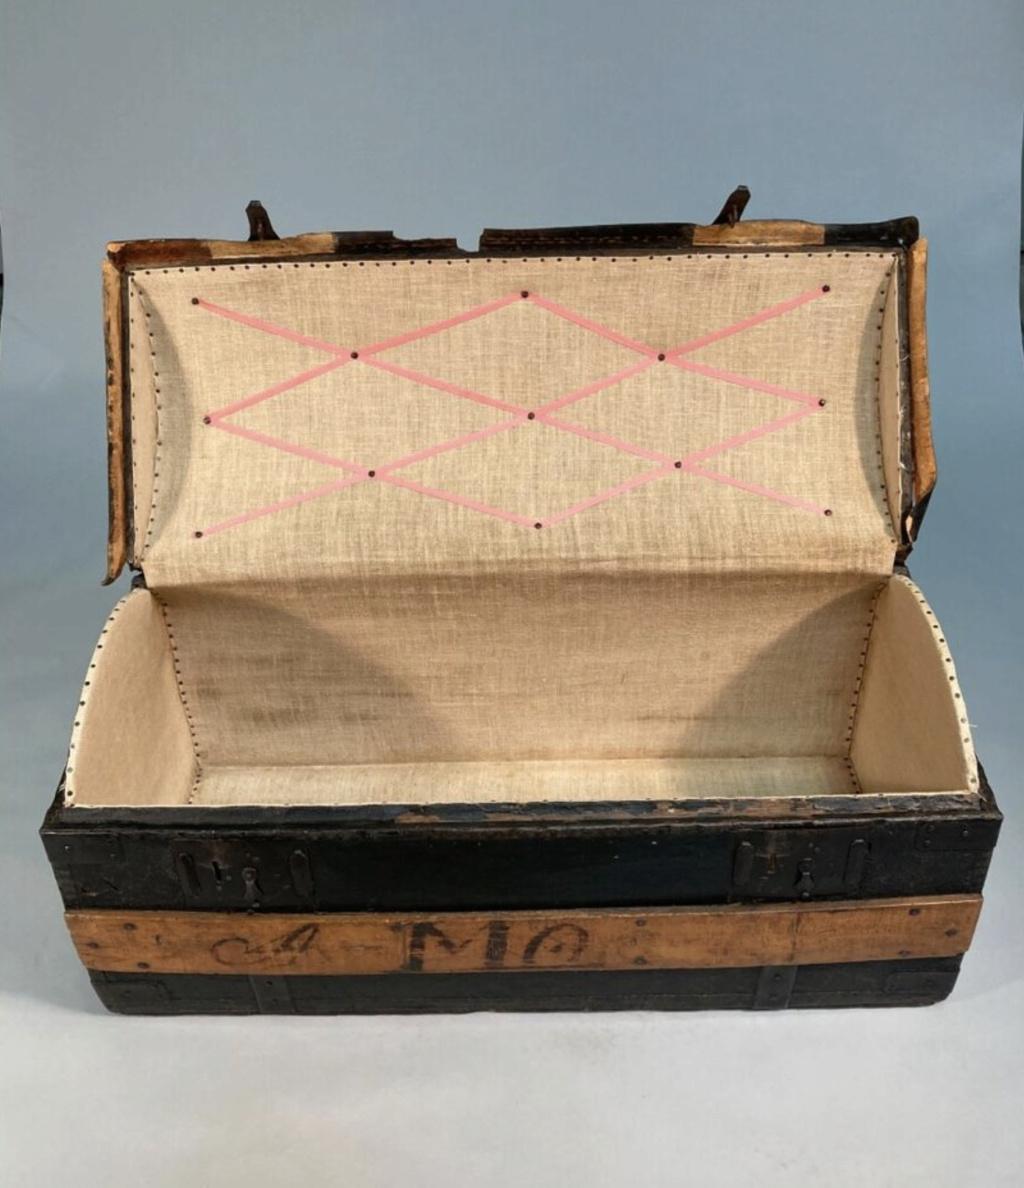 Malles et coffres de voyage de Marie-Antoinette Capt2637